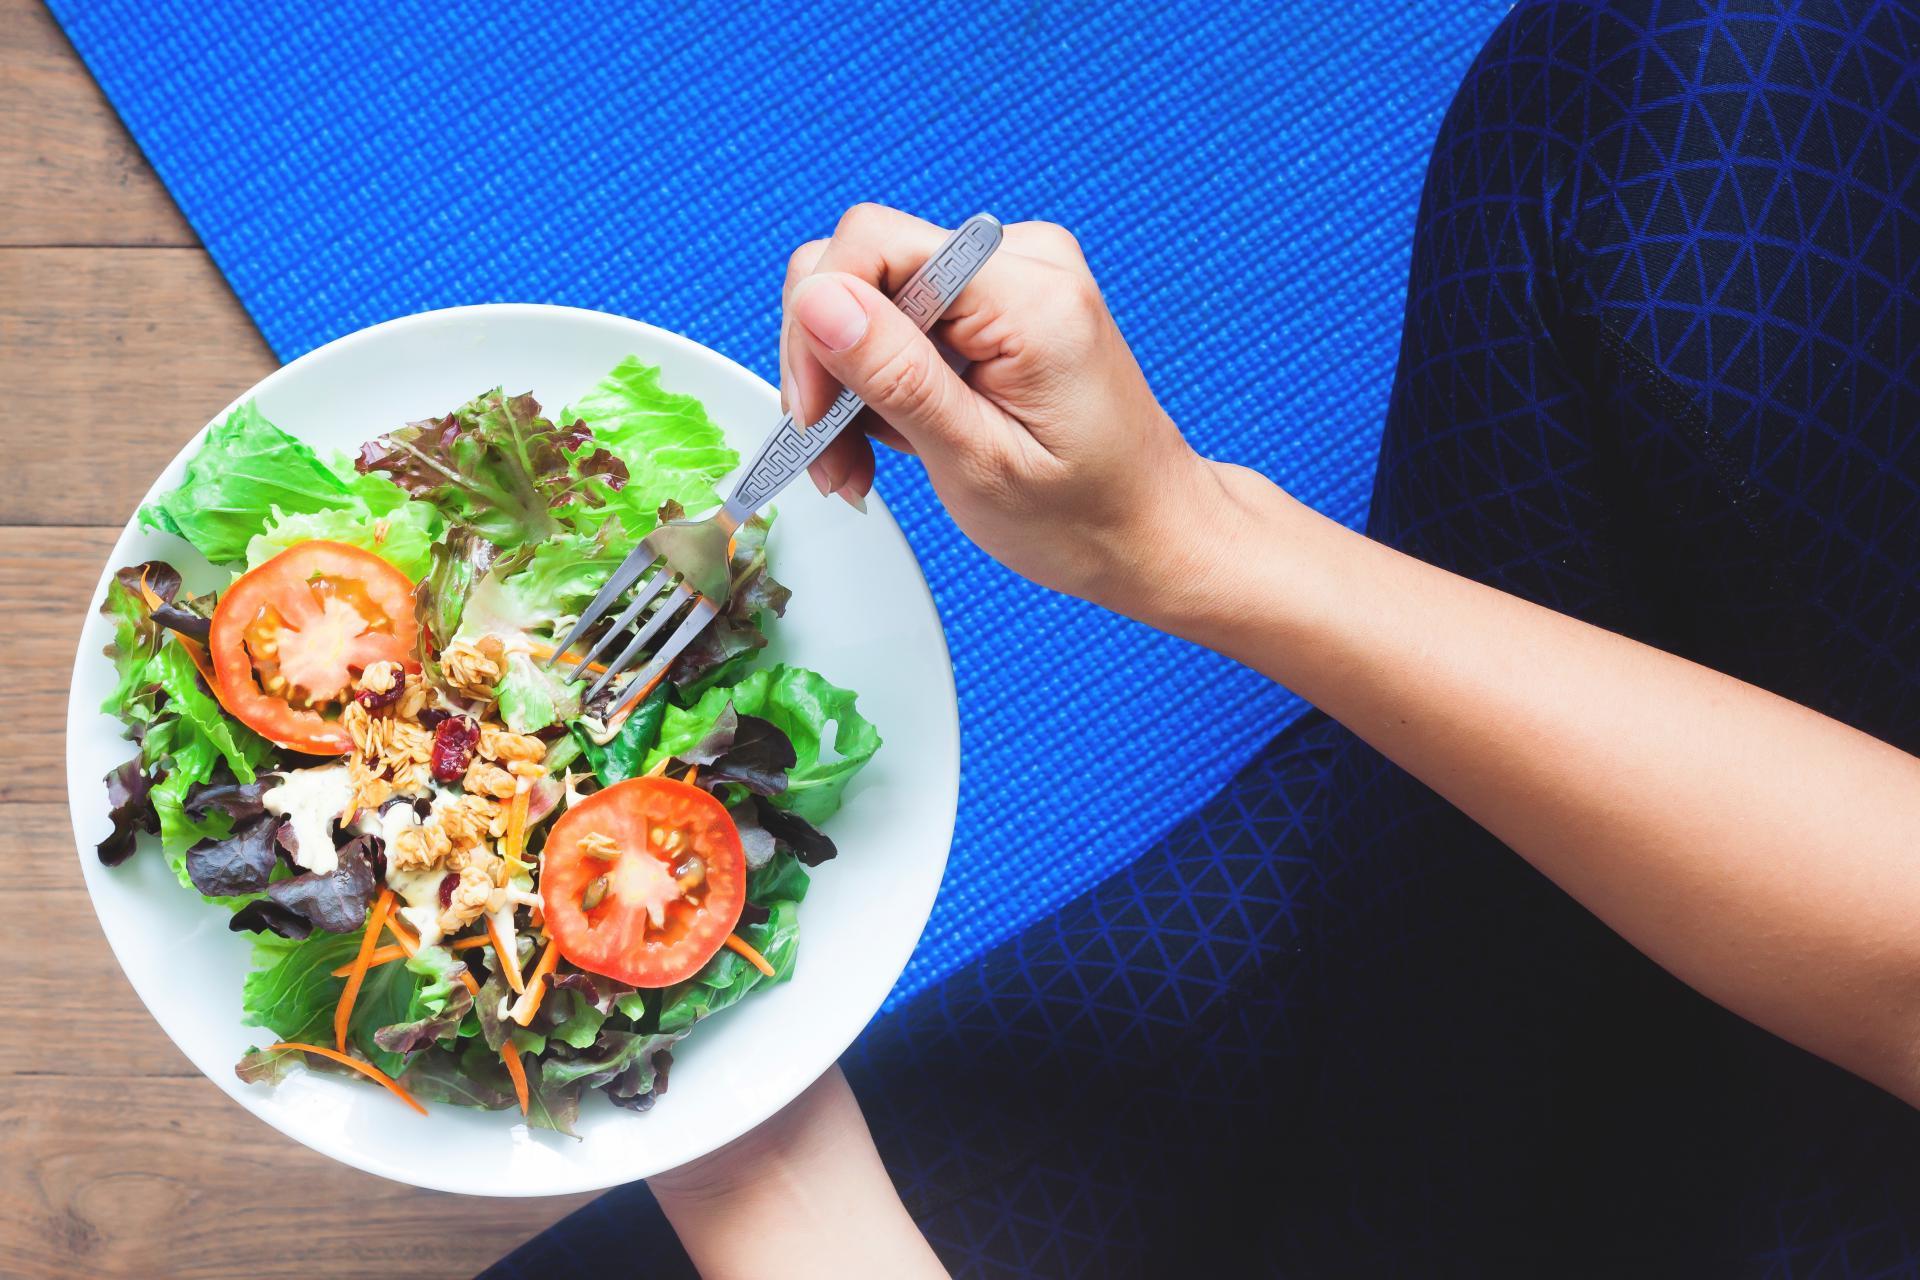 Dash dijeta - kako da regulirate tlak i zdravo smršavite | theturninggate.com